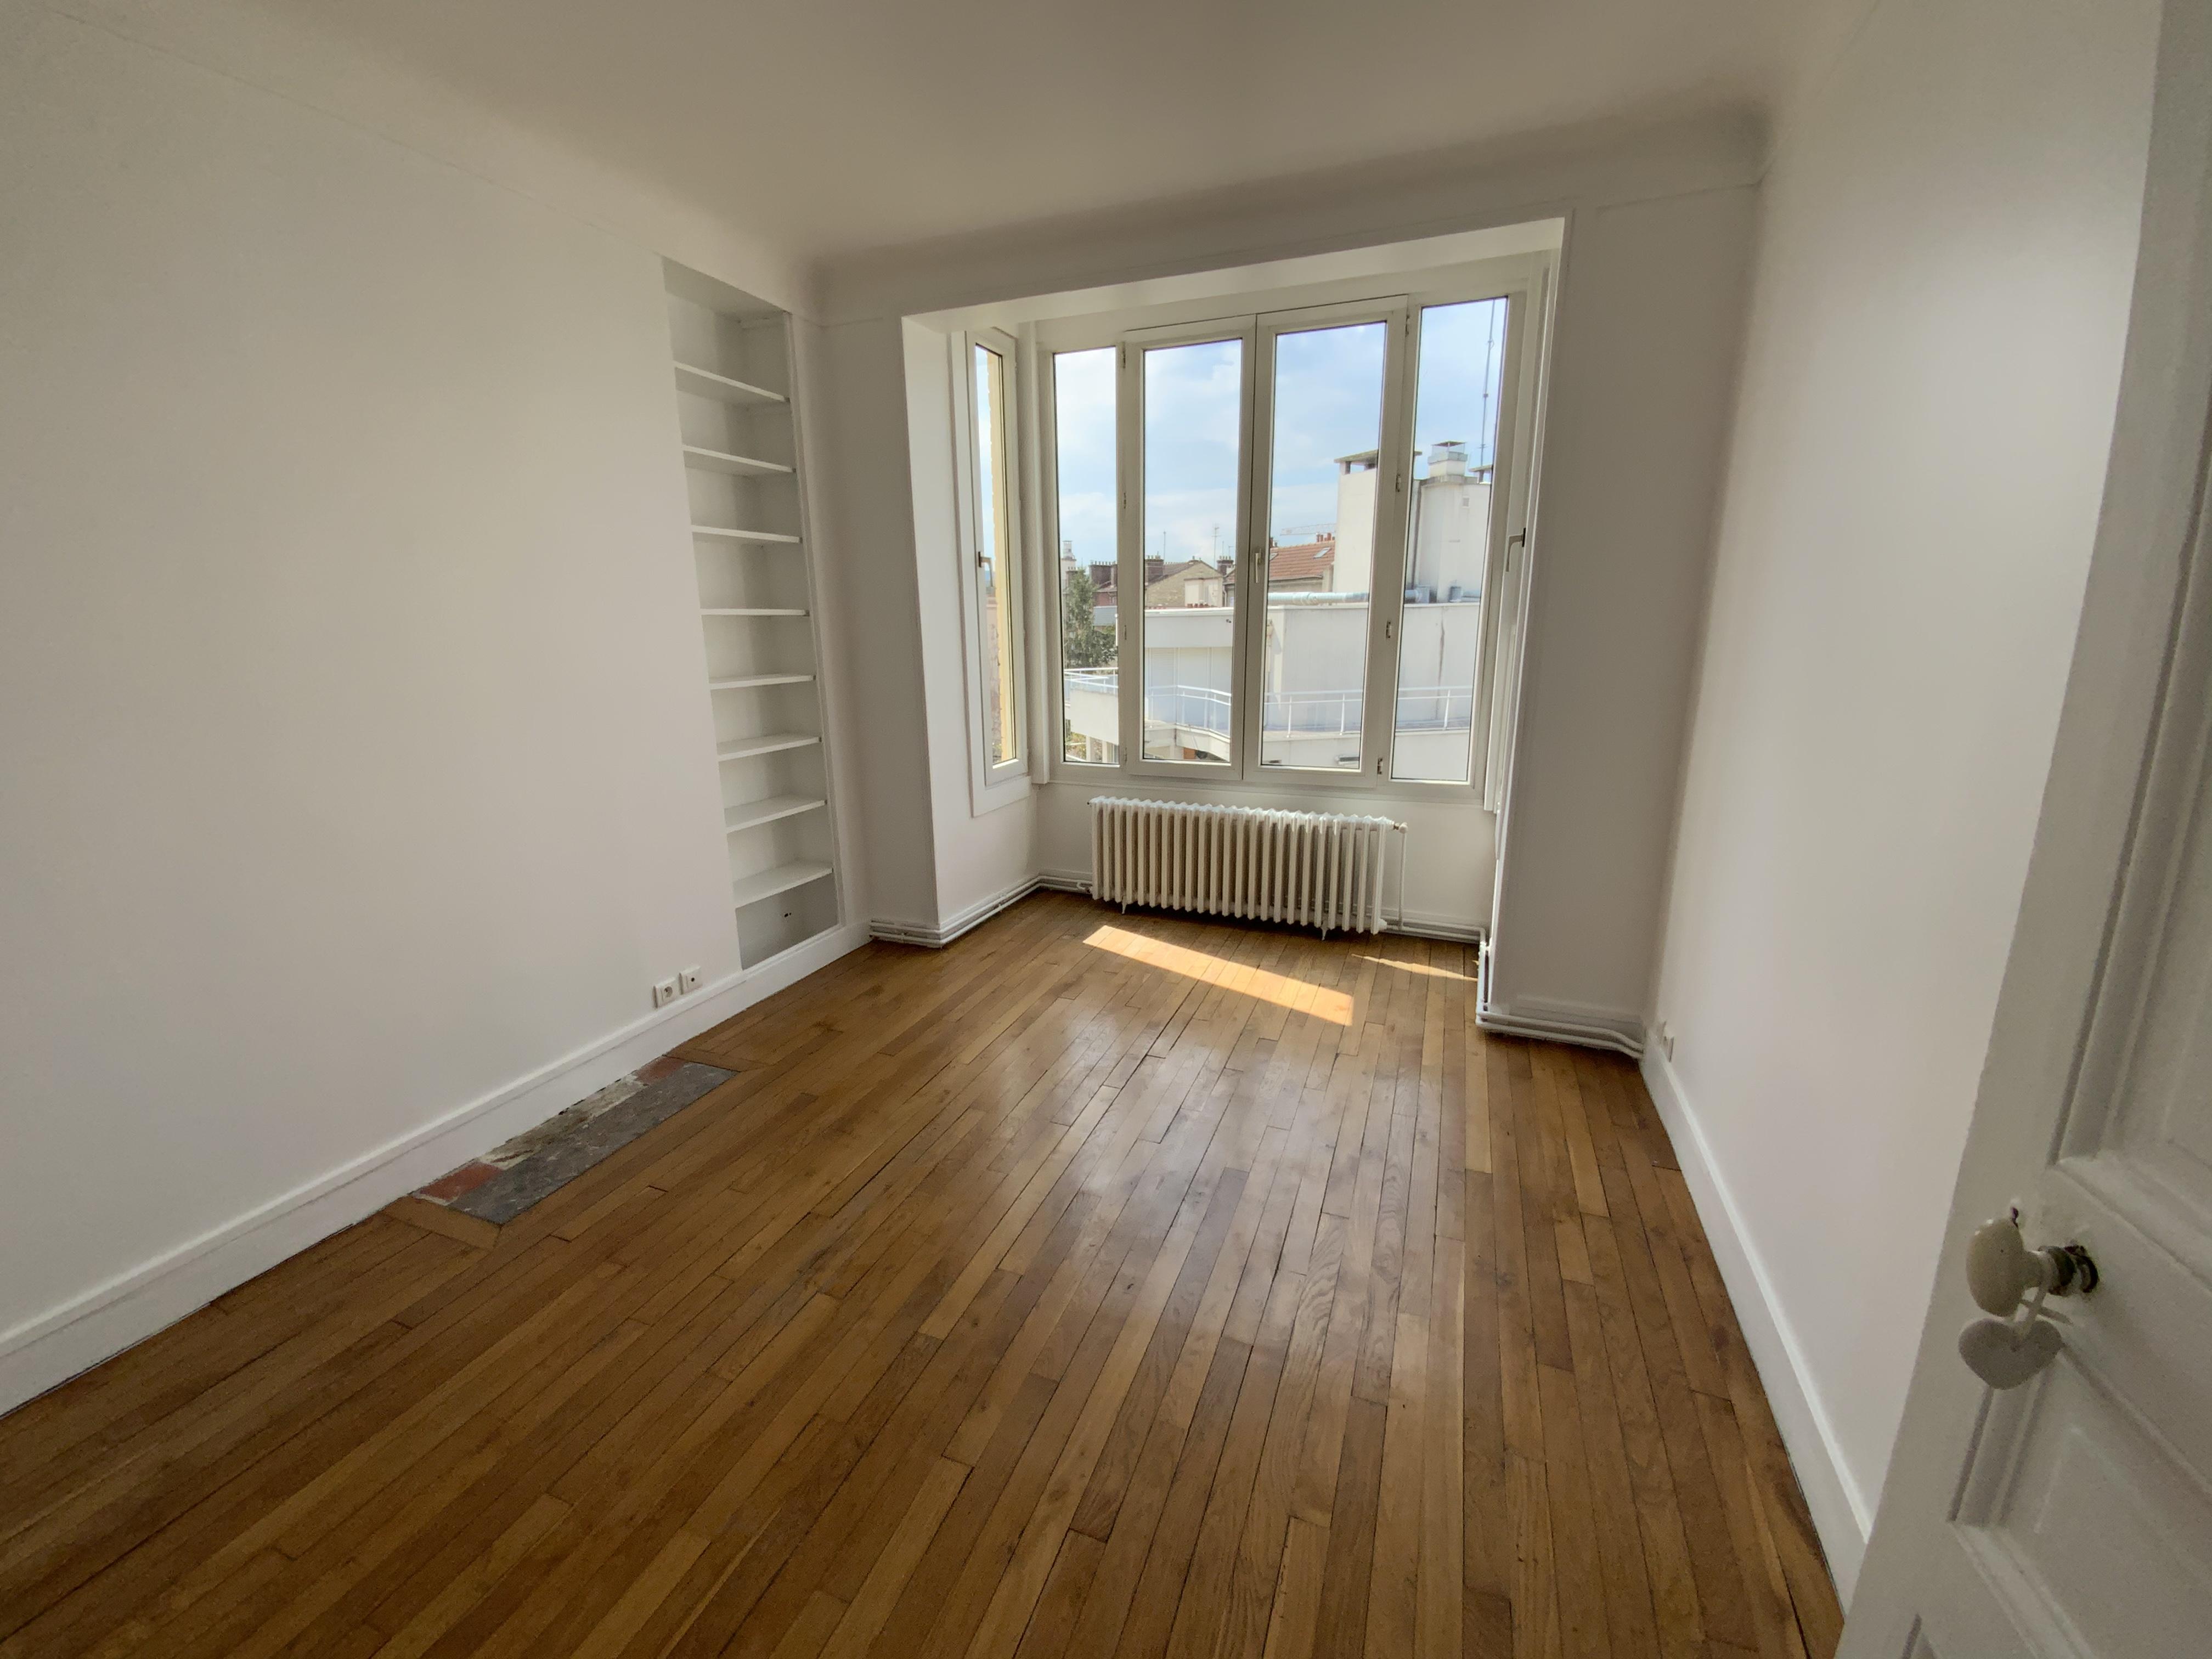 Appartement à louer sur Boulogne-billancourt